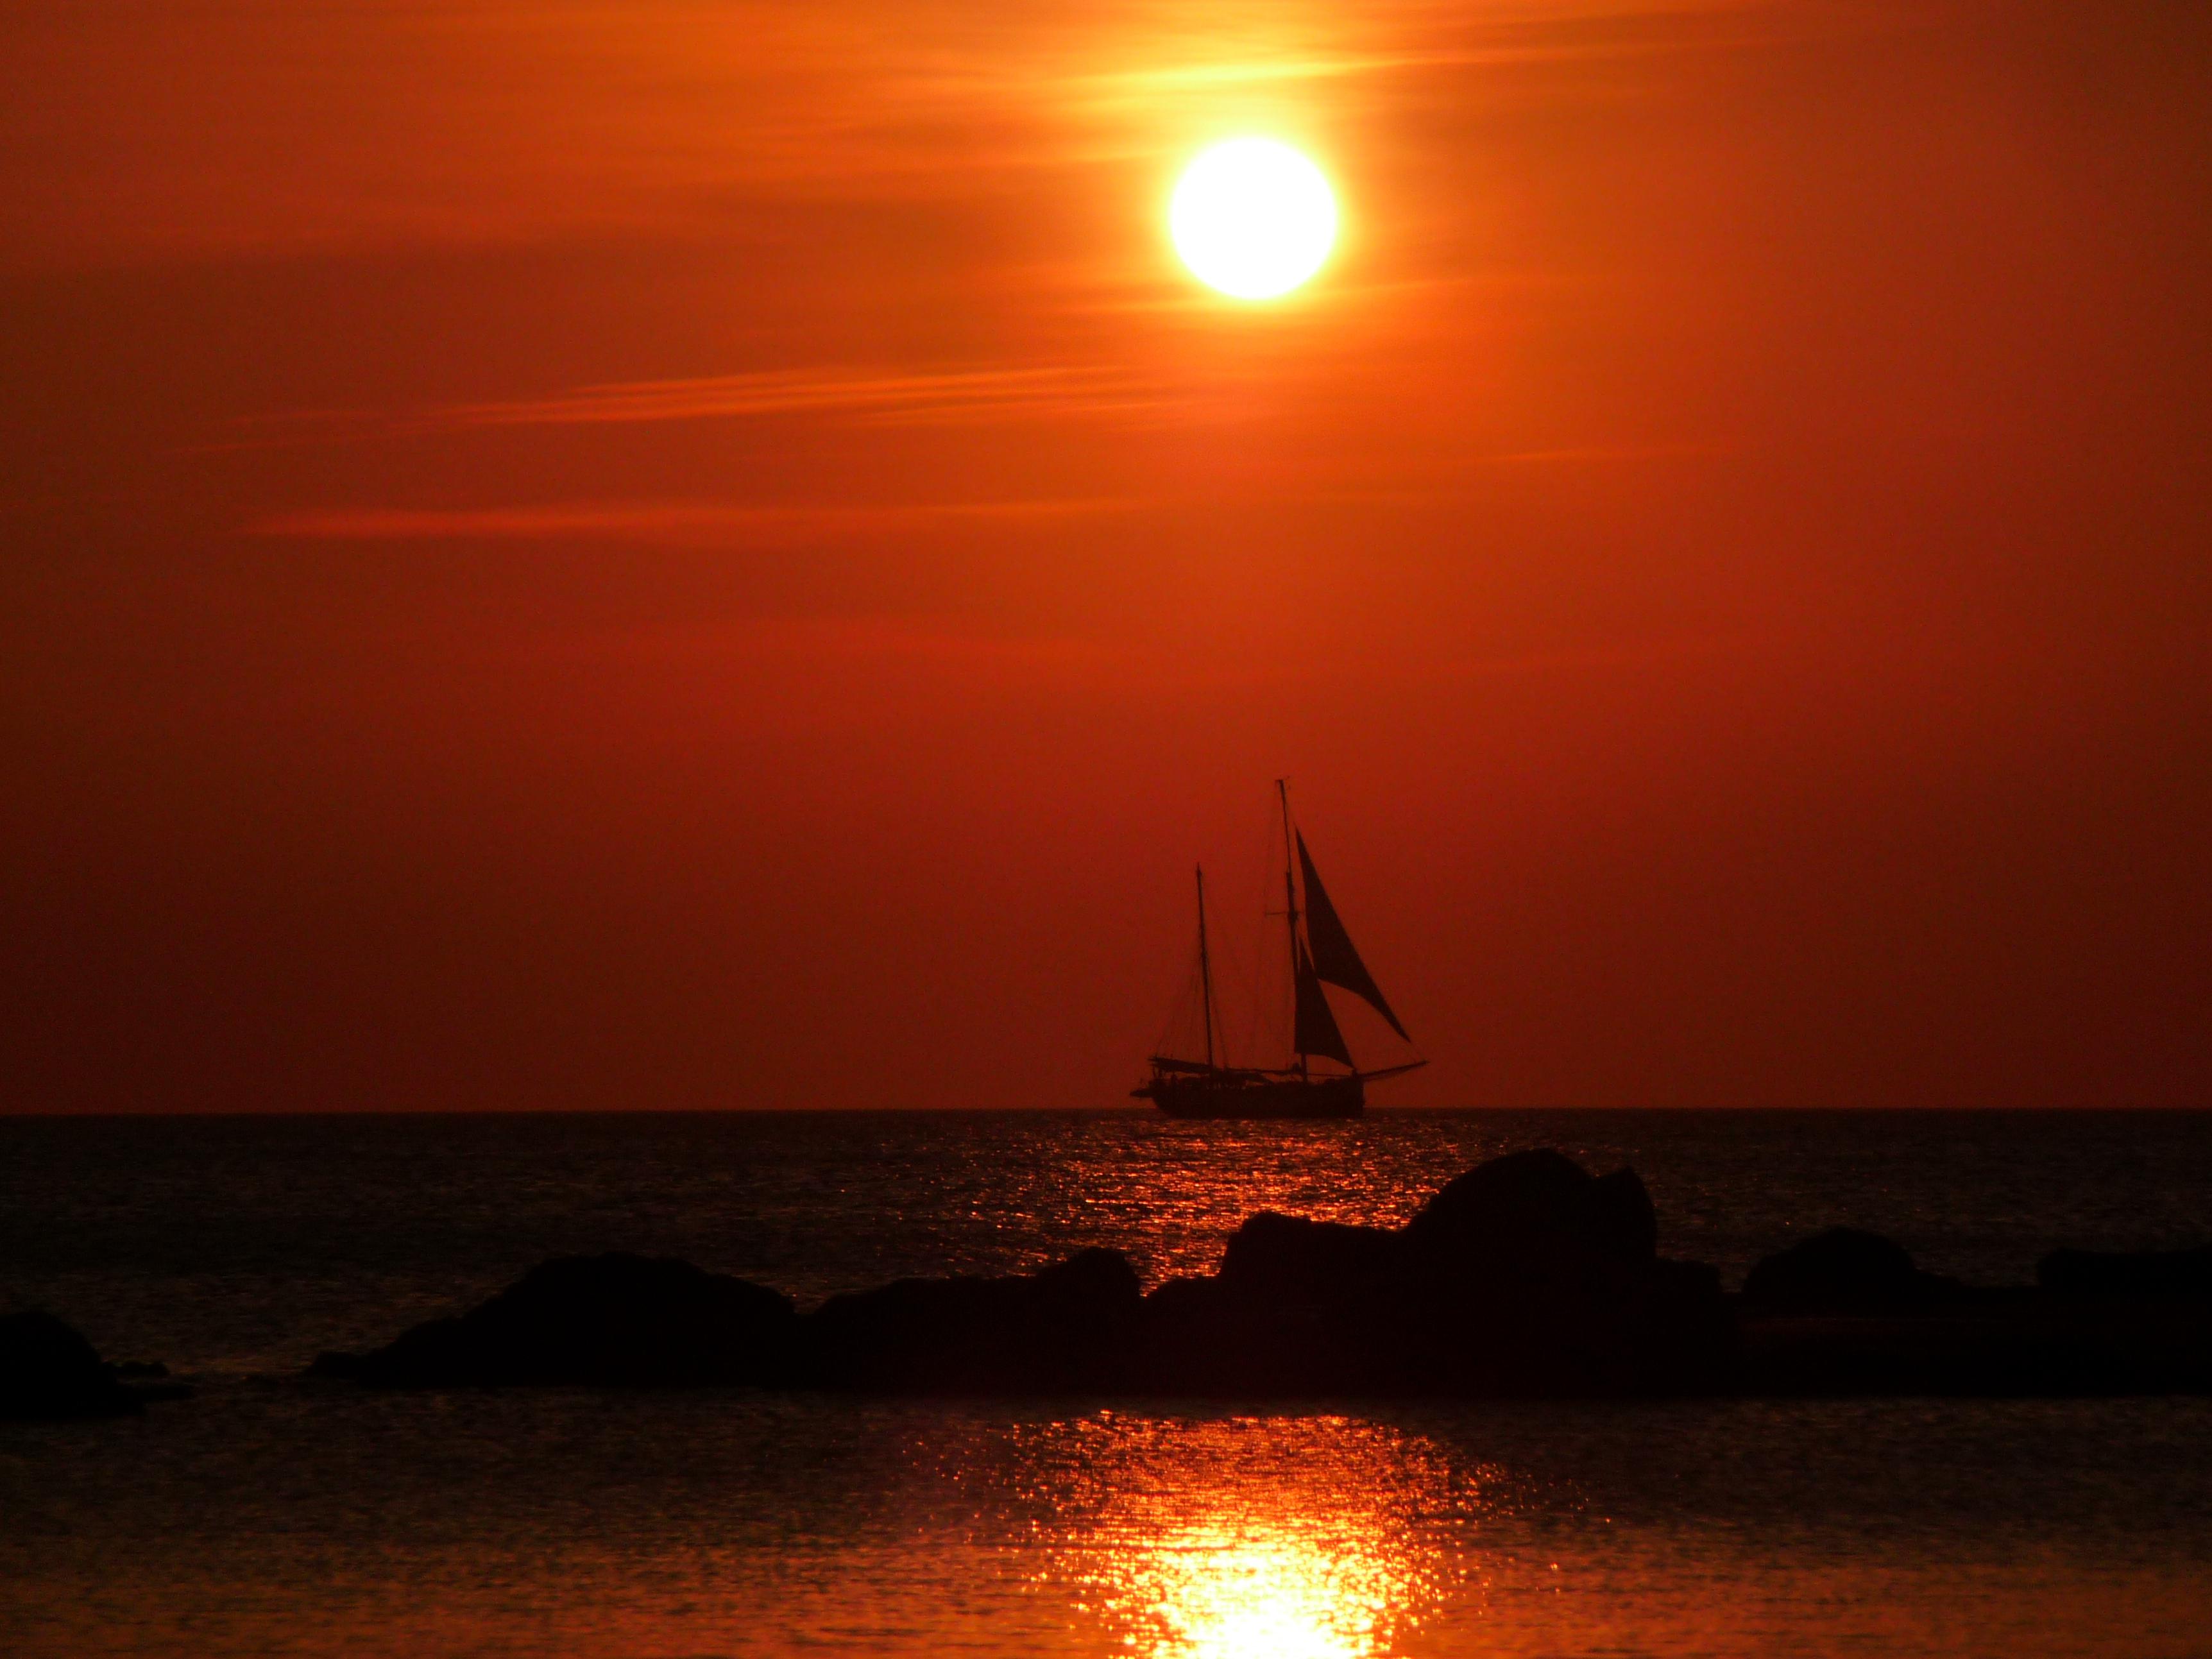 это, картинка корабль уходит в море на закате оригинальном